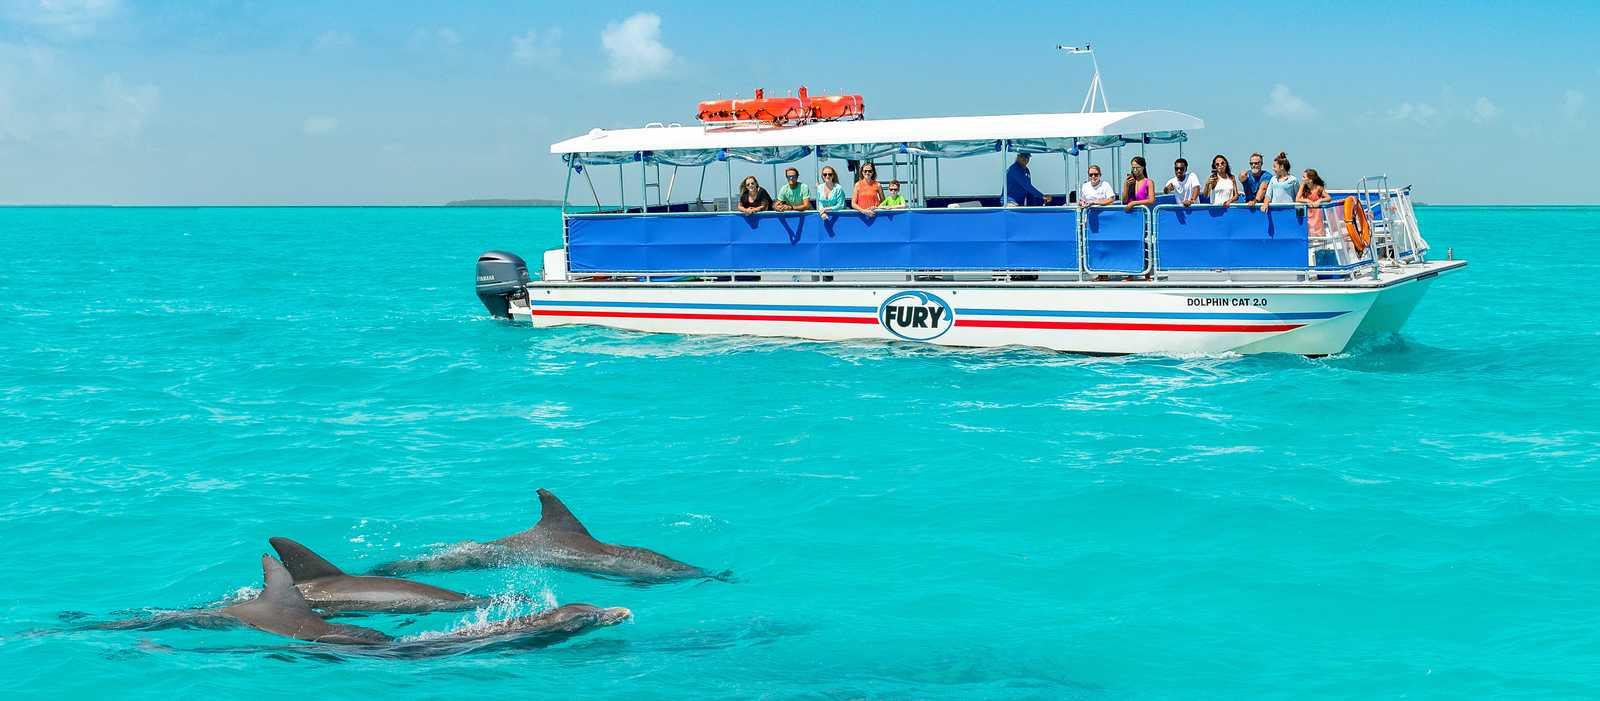 Auf dem Fury Katamaran Delfine aus nächste Nähe erleben